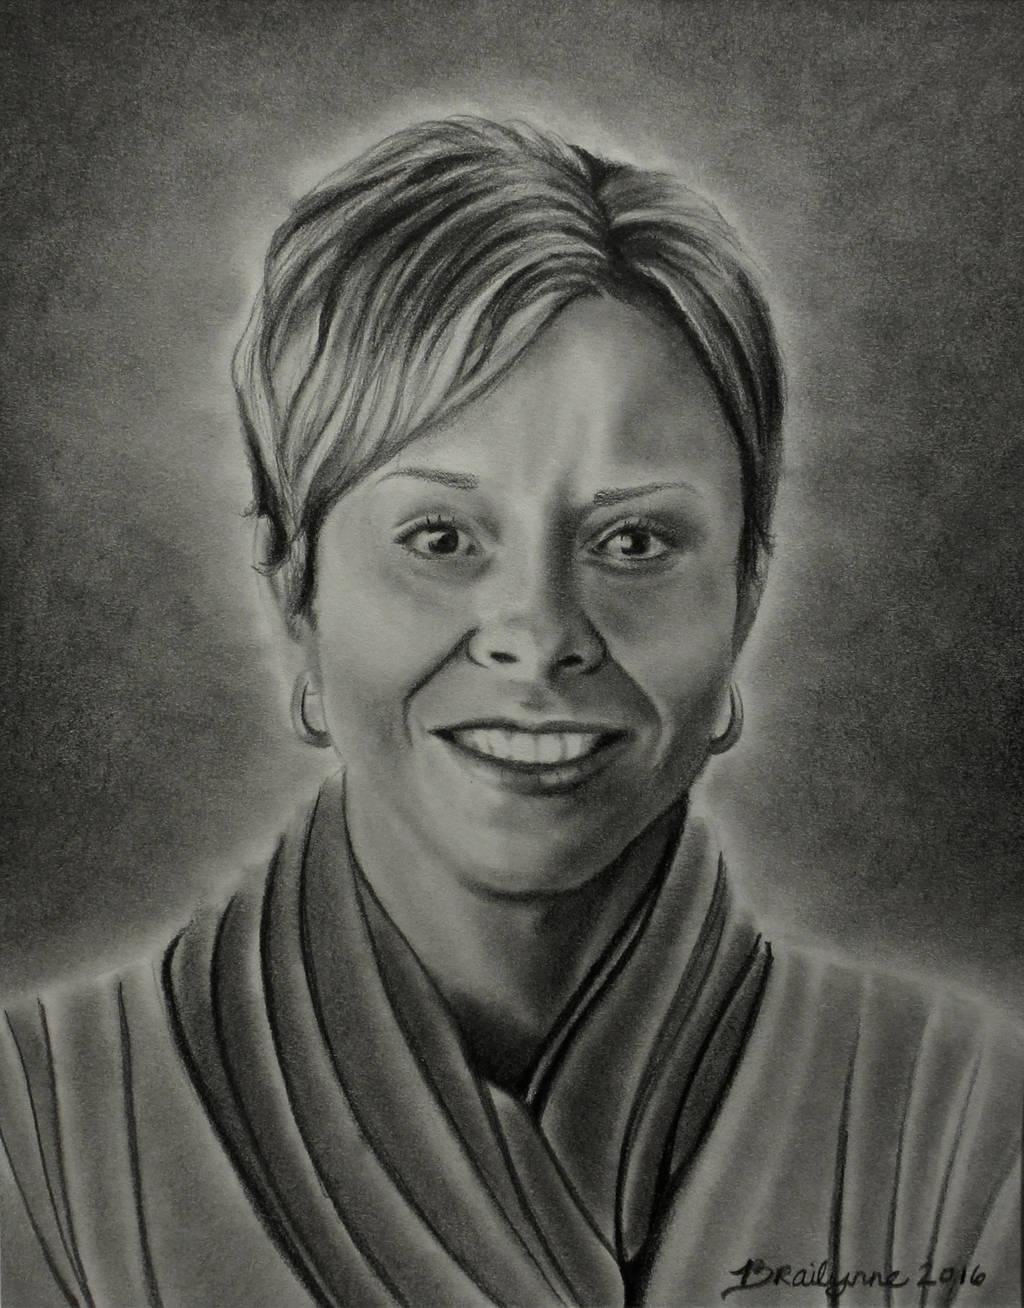 Portrait by brailynne